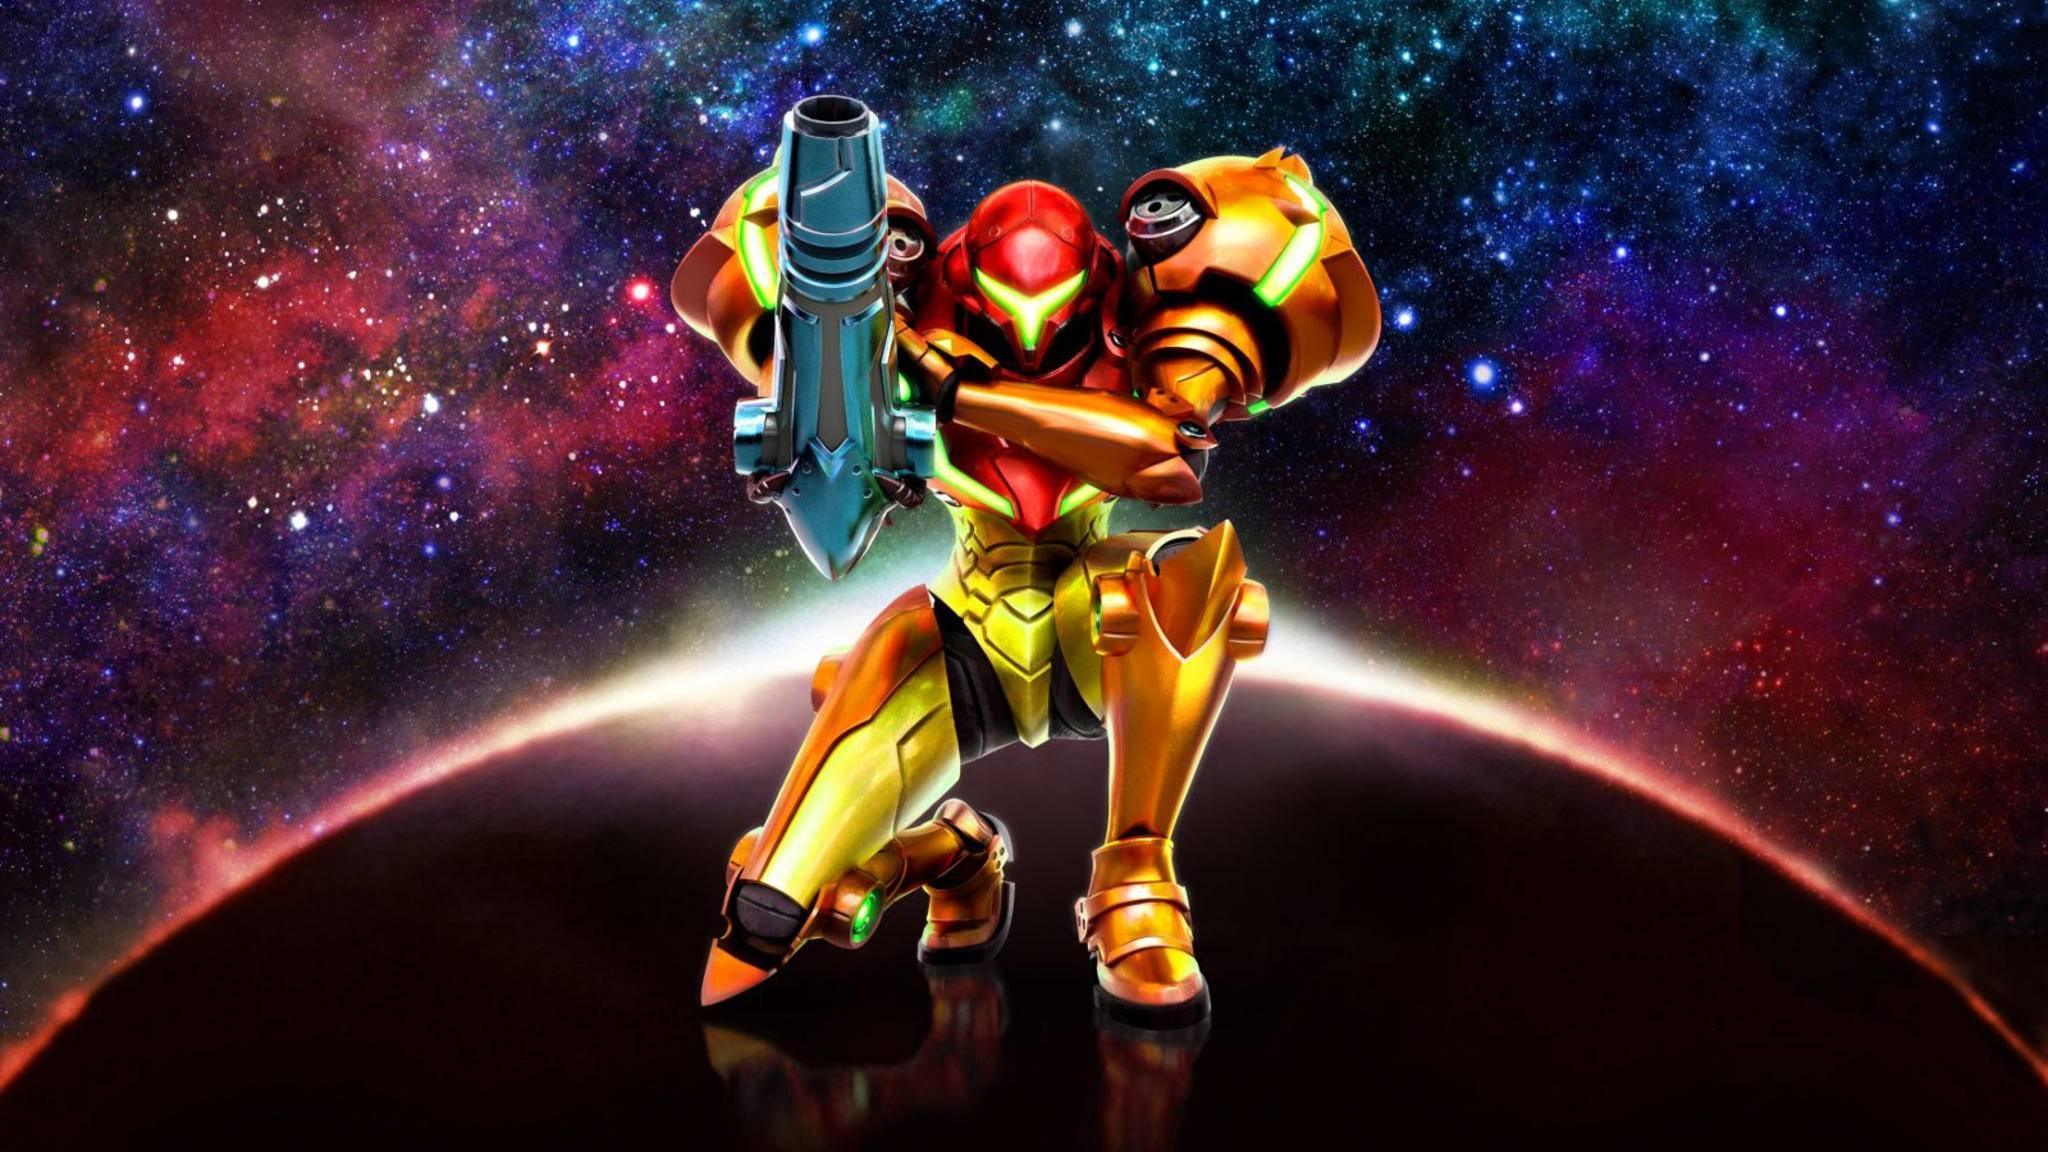 """Samus Aran hat schon einige Jahre auf dem Buckel. Das Cover von """"Metroid: Samus Returns"""" würdigt die Videospiel-Ikone."""